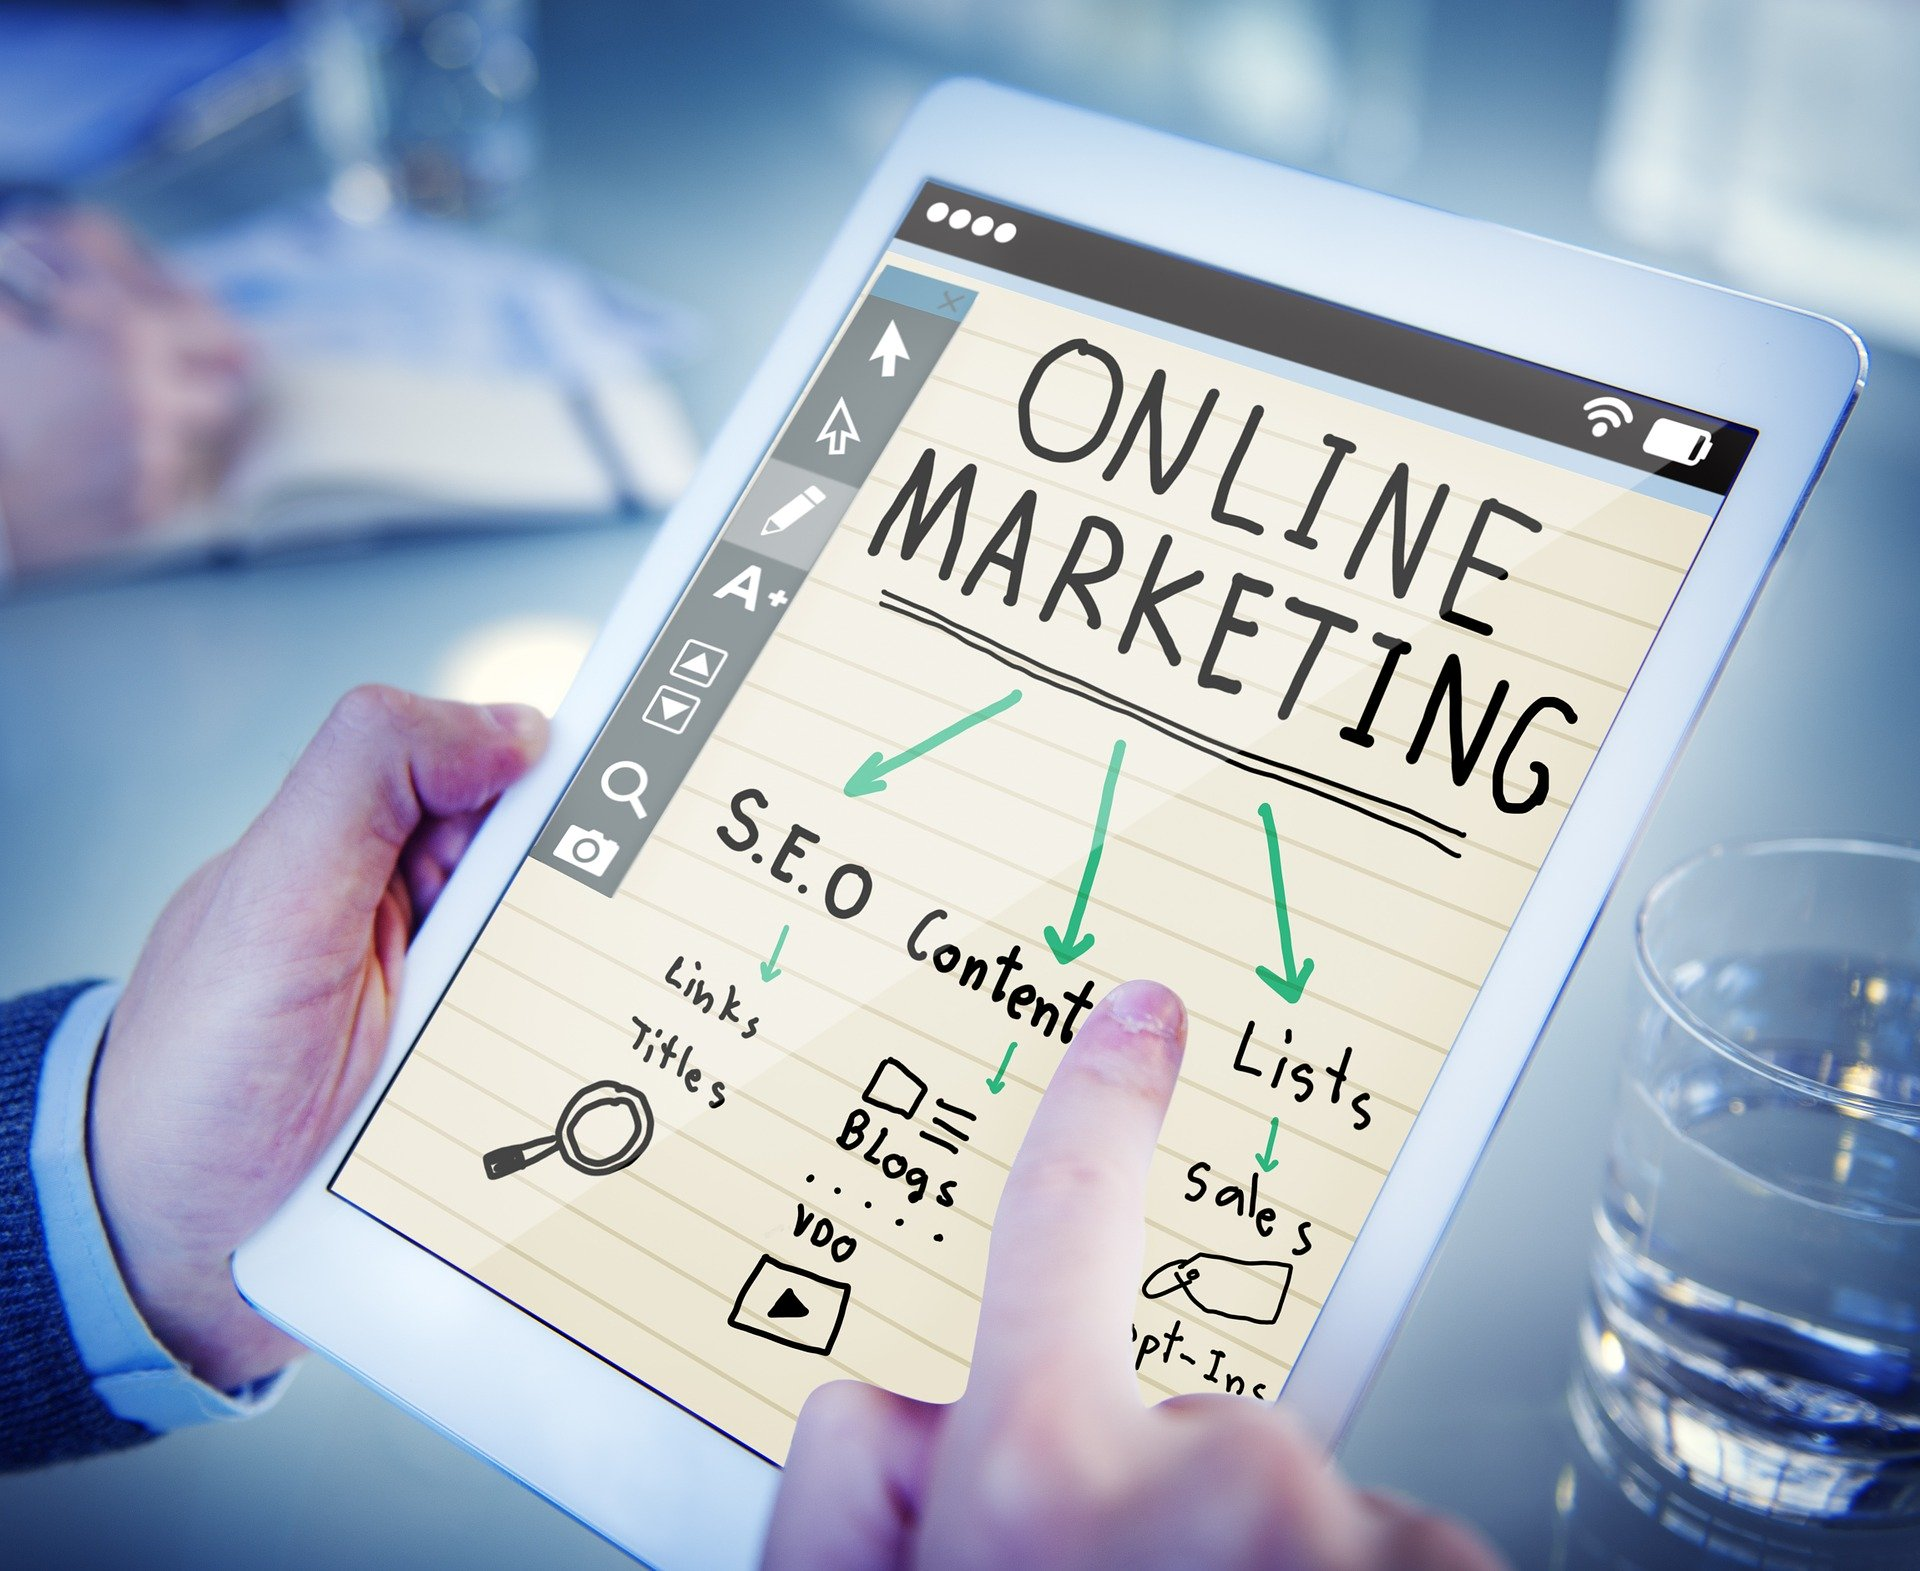 Digital Marketing: SEO and SMO vs SEM and SMM